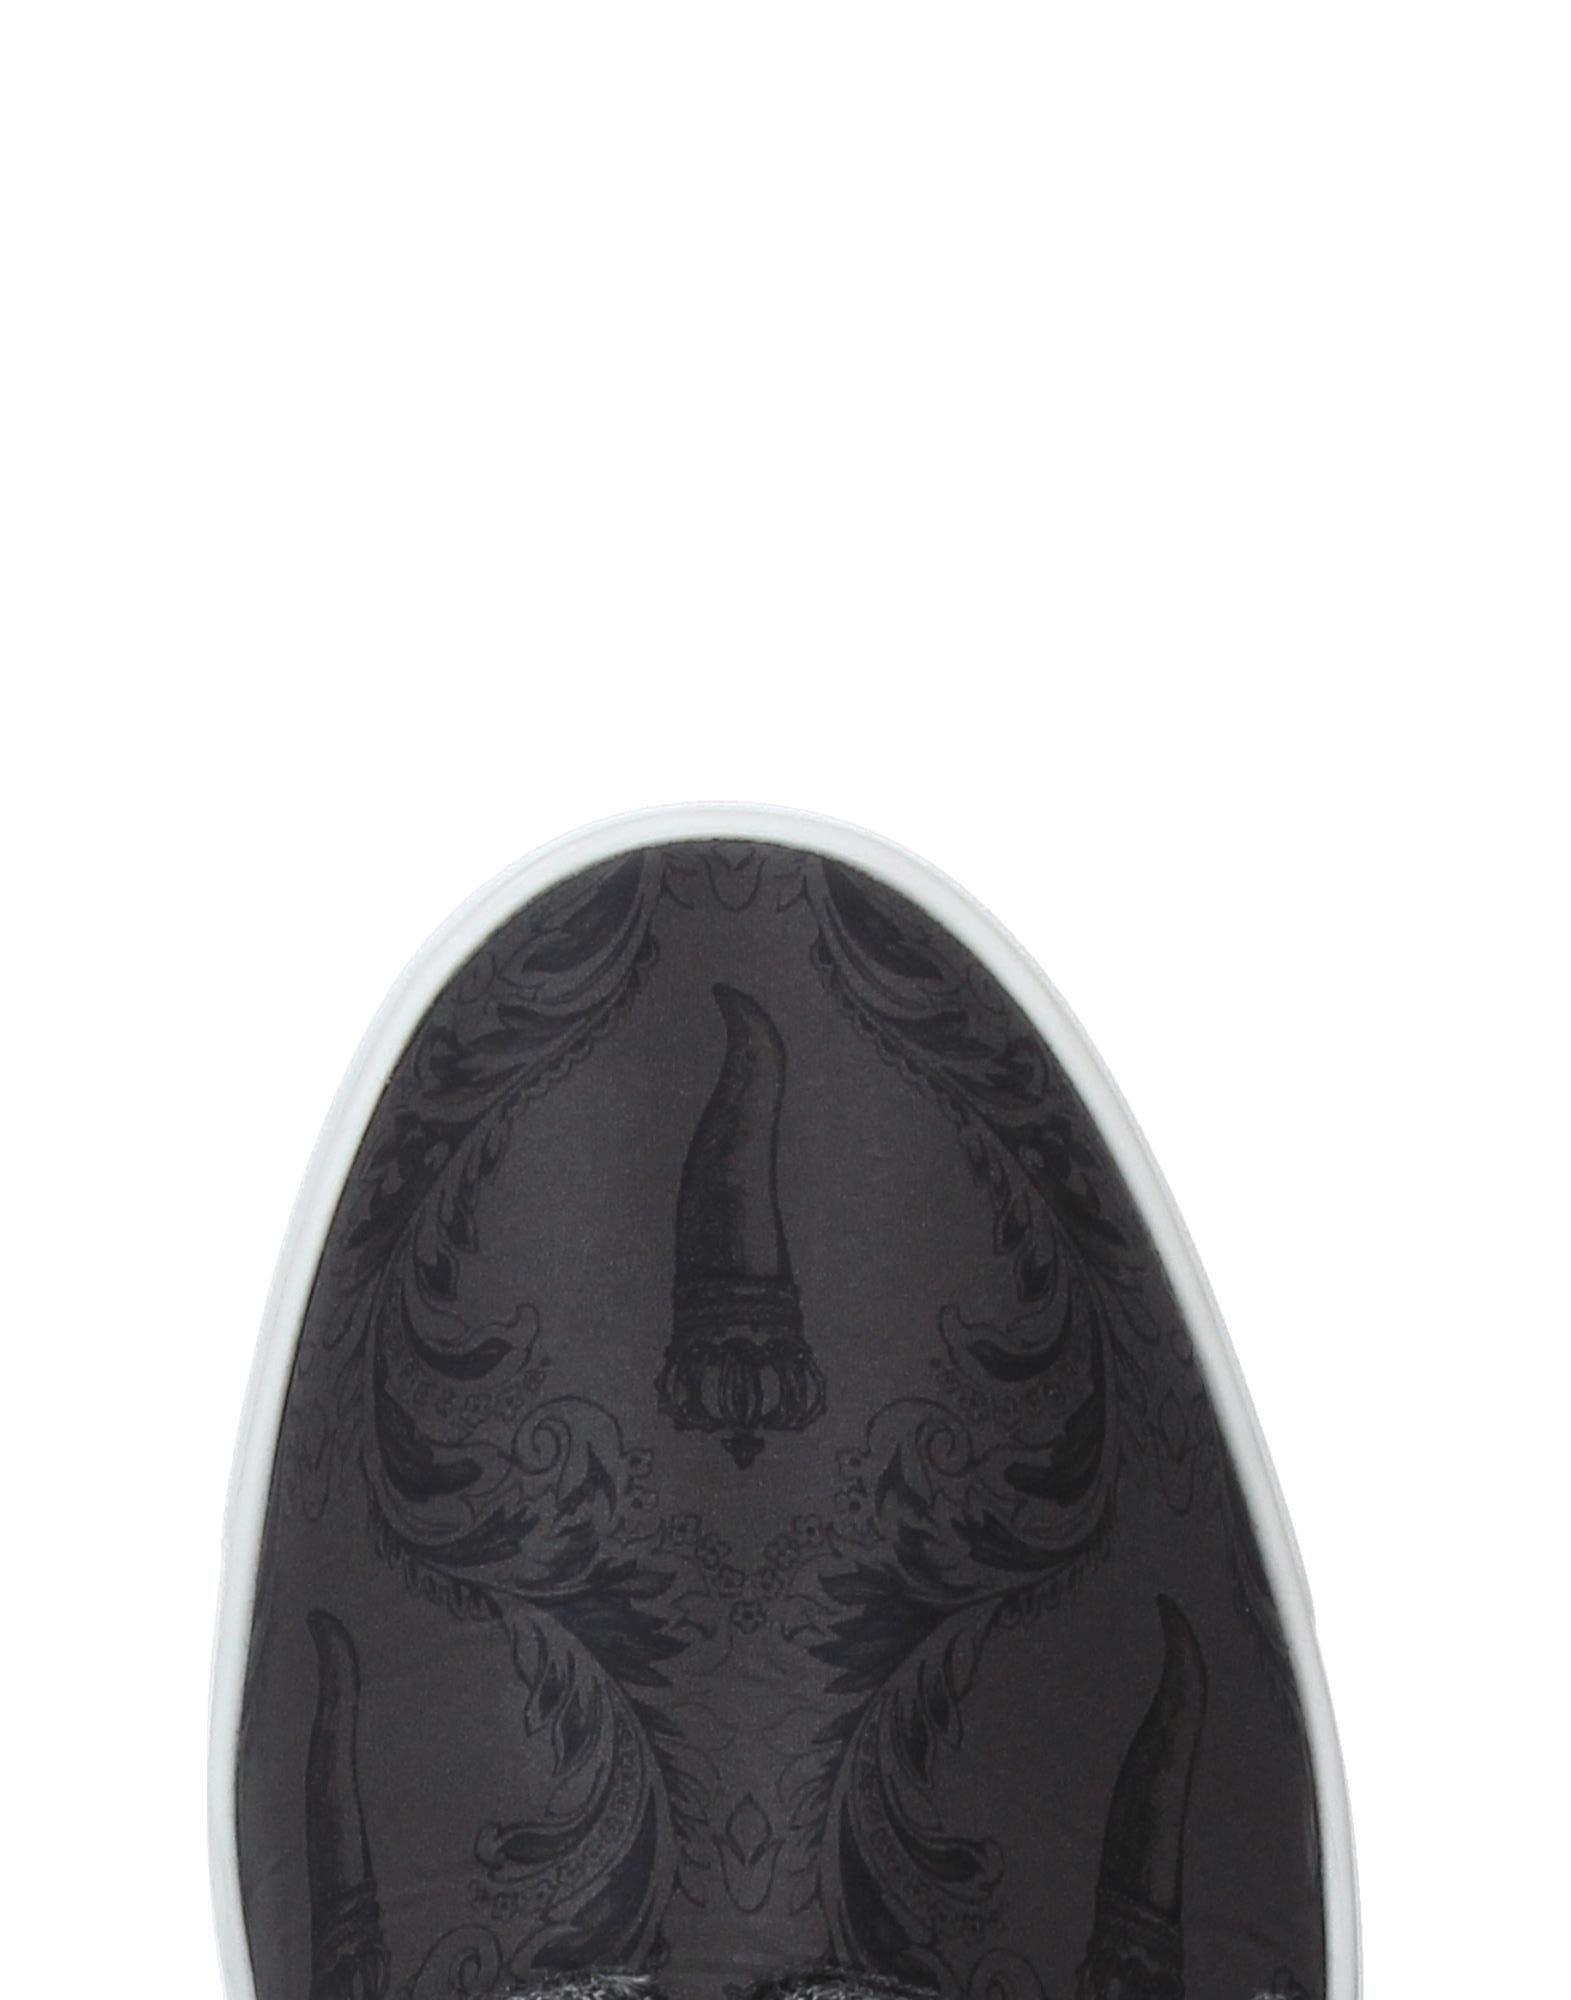 Dolce Herren & Gabbana Sneakers Herren Dolce Gutes Preis-Leistungs-Verhältnis, es lohnt sich 39ba72